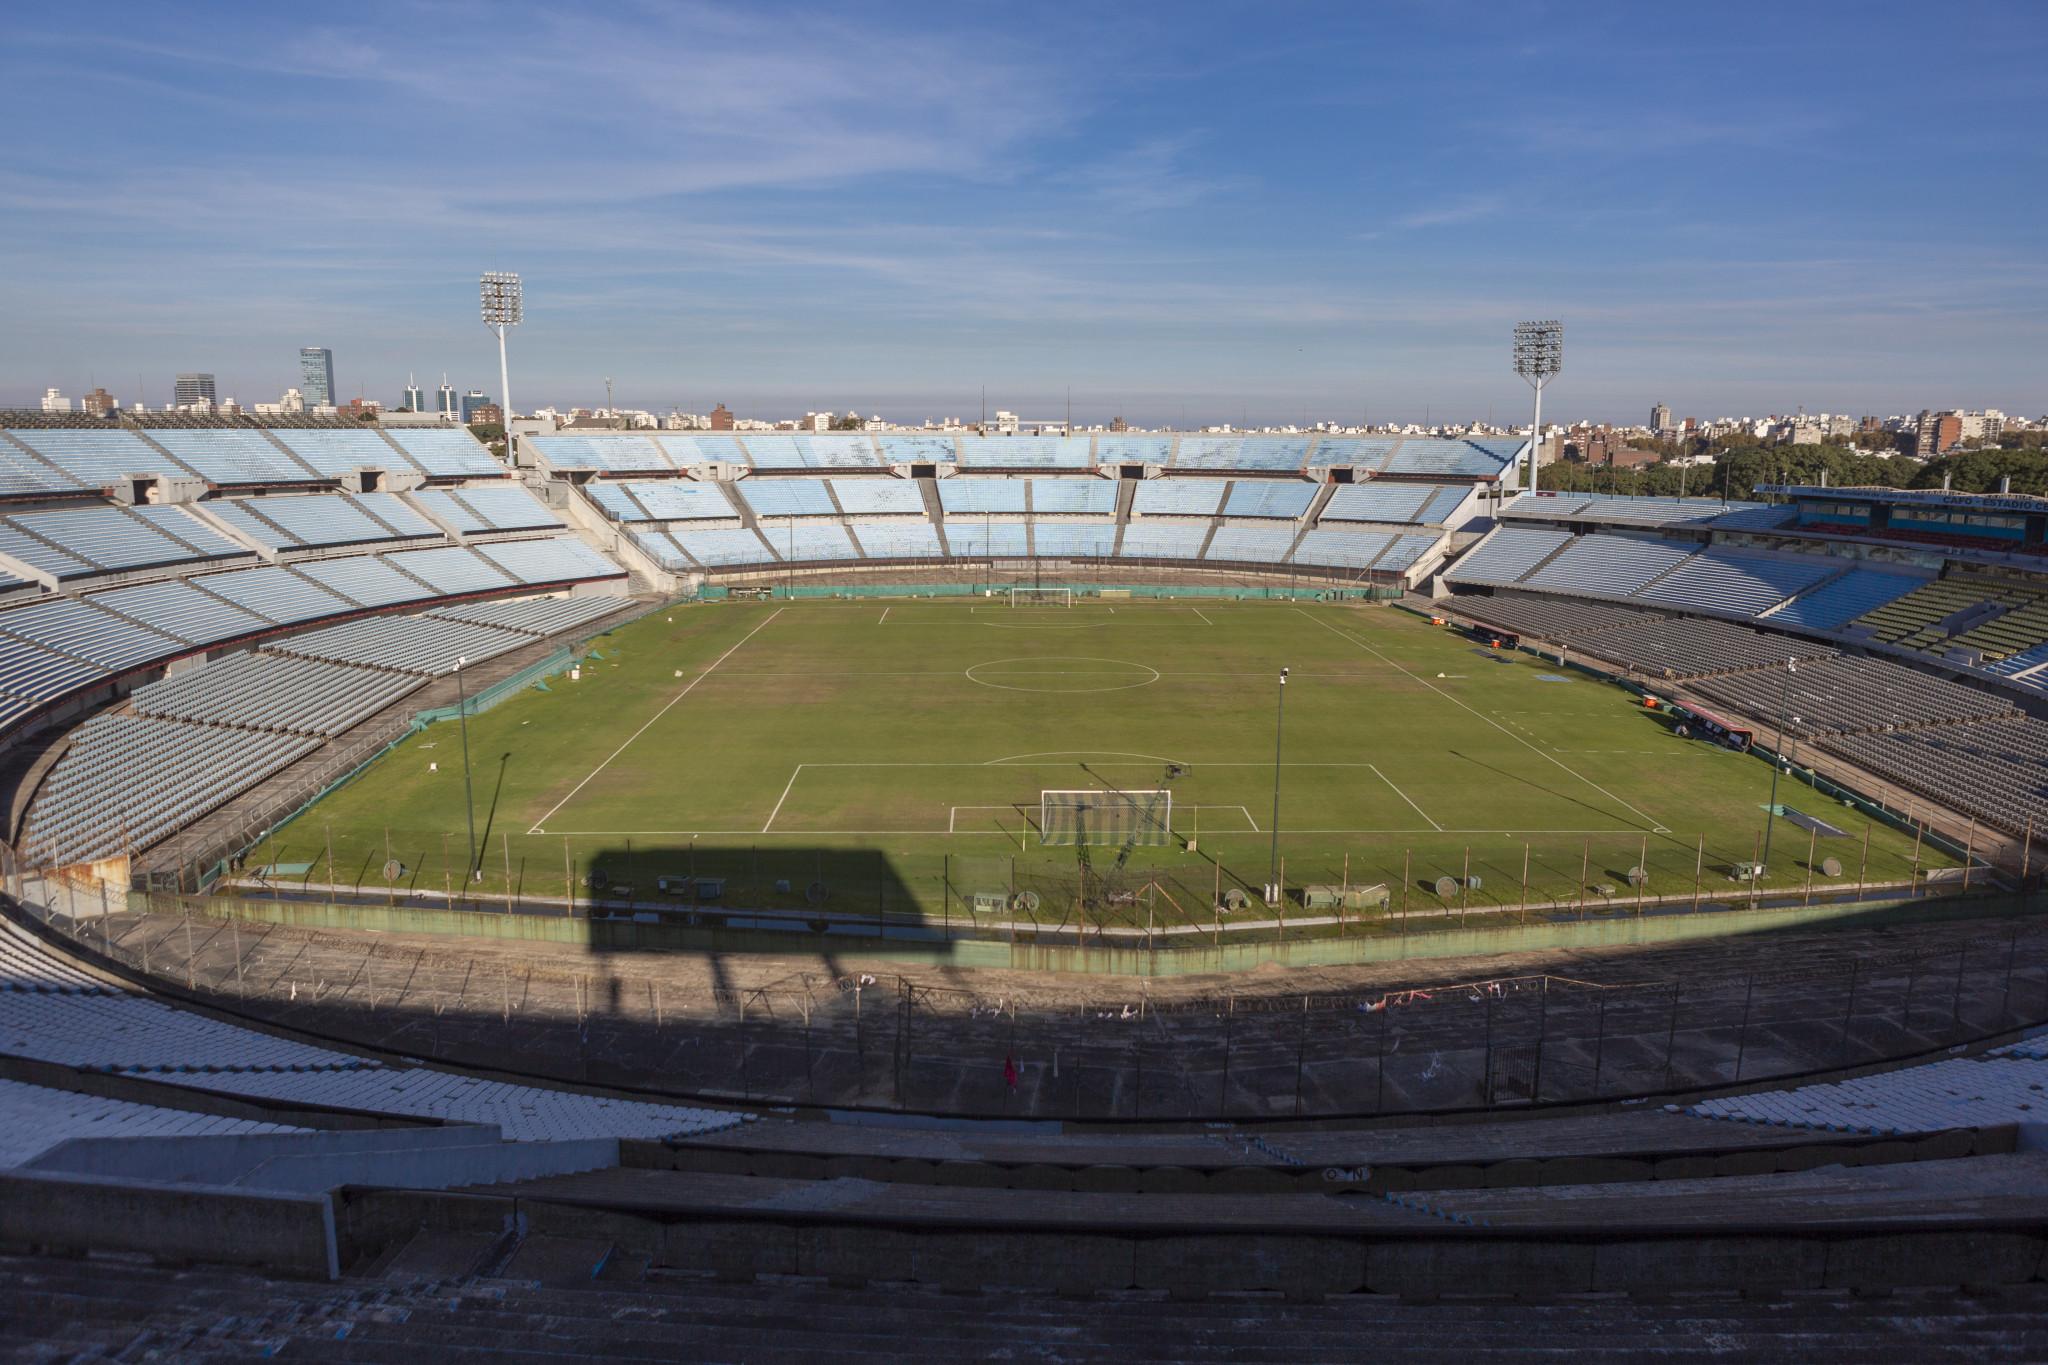 La CONMEBOL espera que la final relance el estadio Estadio Centenario para impulsar su candidatura a la Copa Mundial de la FIFA 2030 © Getty Images